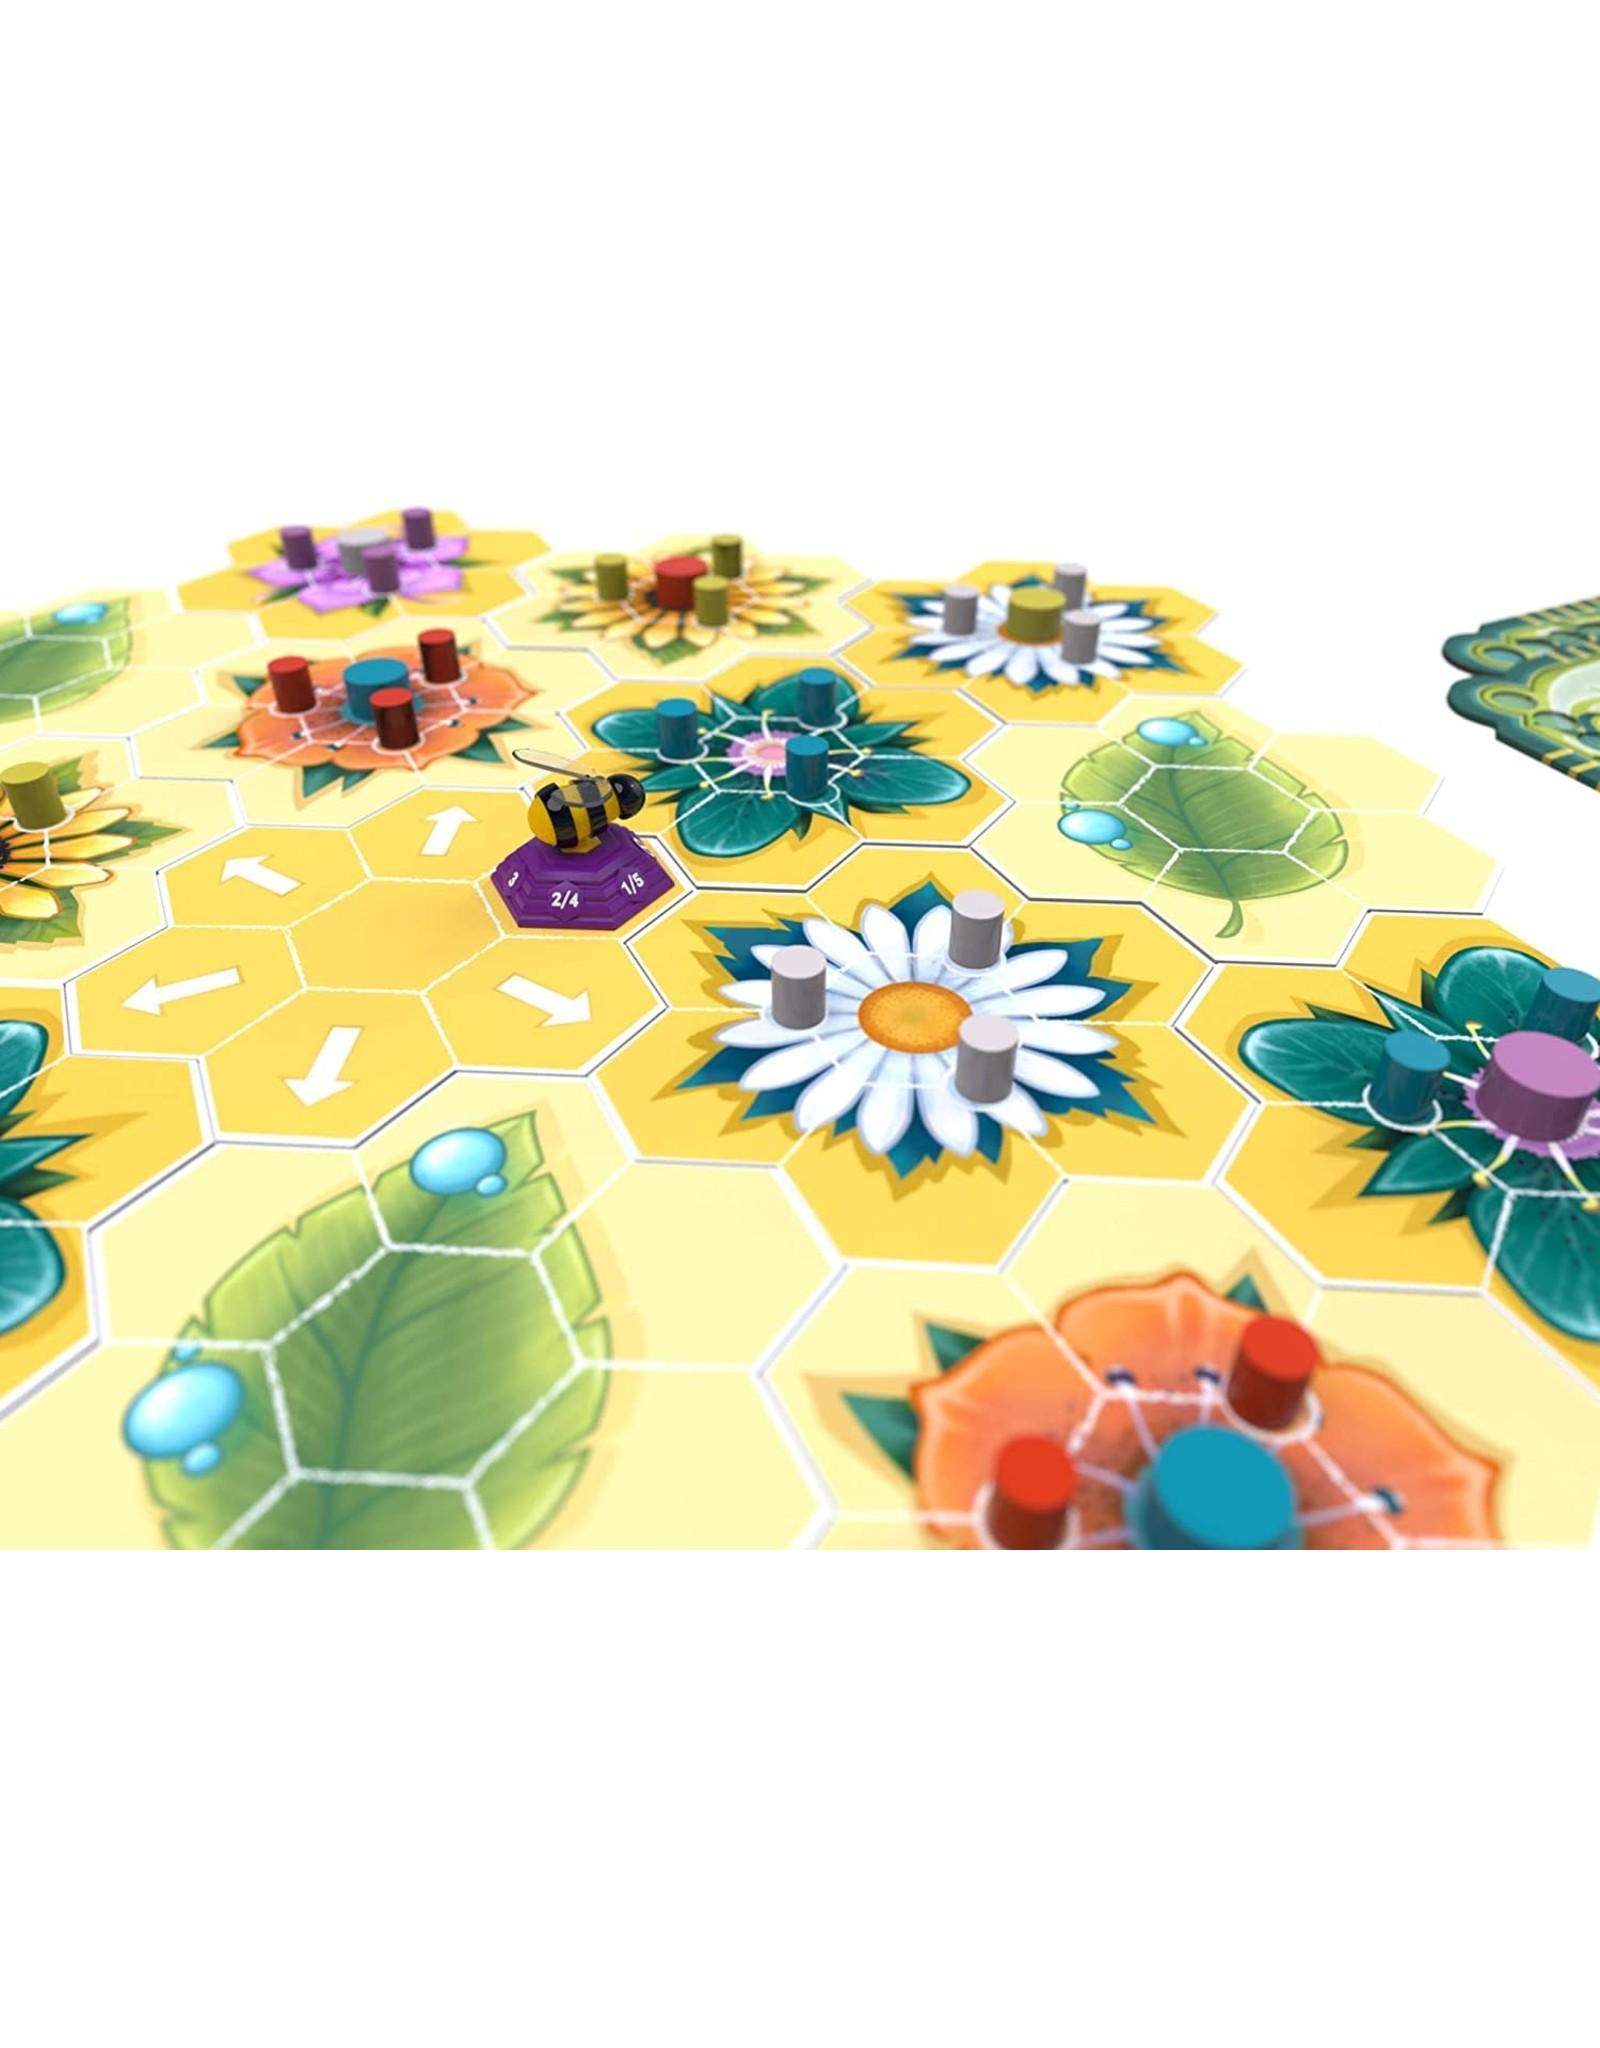 Next Move Games BEEZ